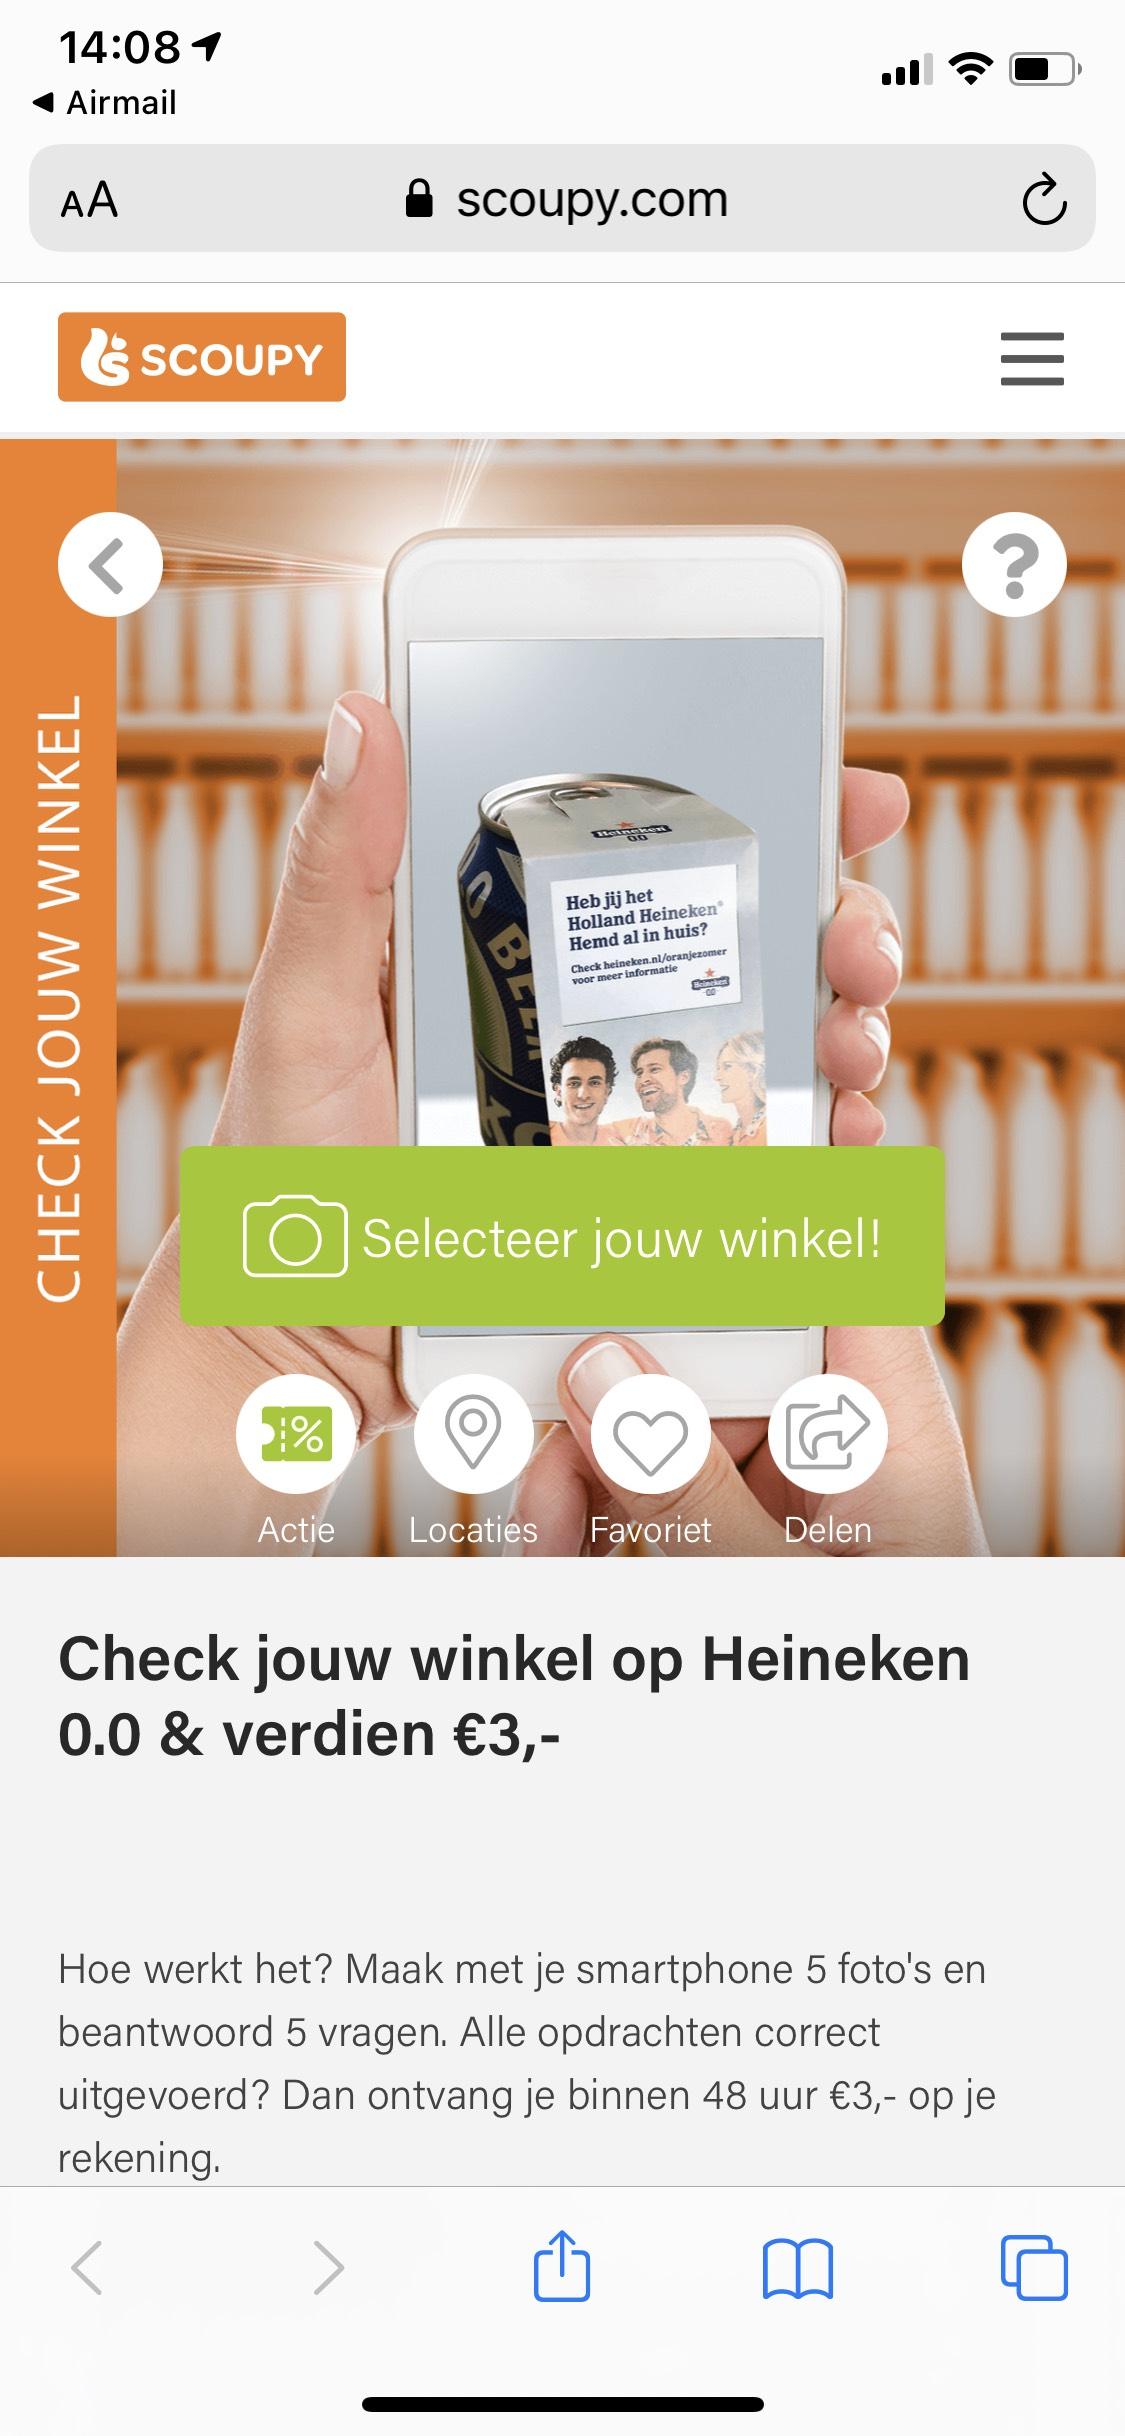 3 euro gratis geld via Scoupy als je foto's maakt van Heineken 0.0